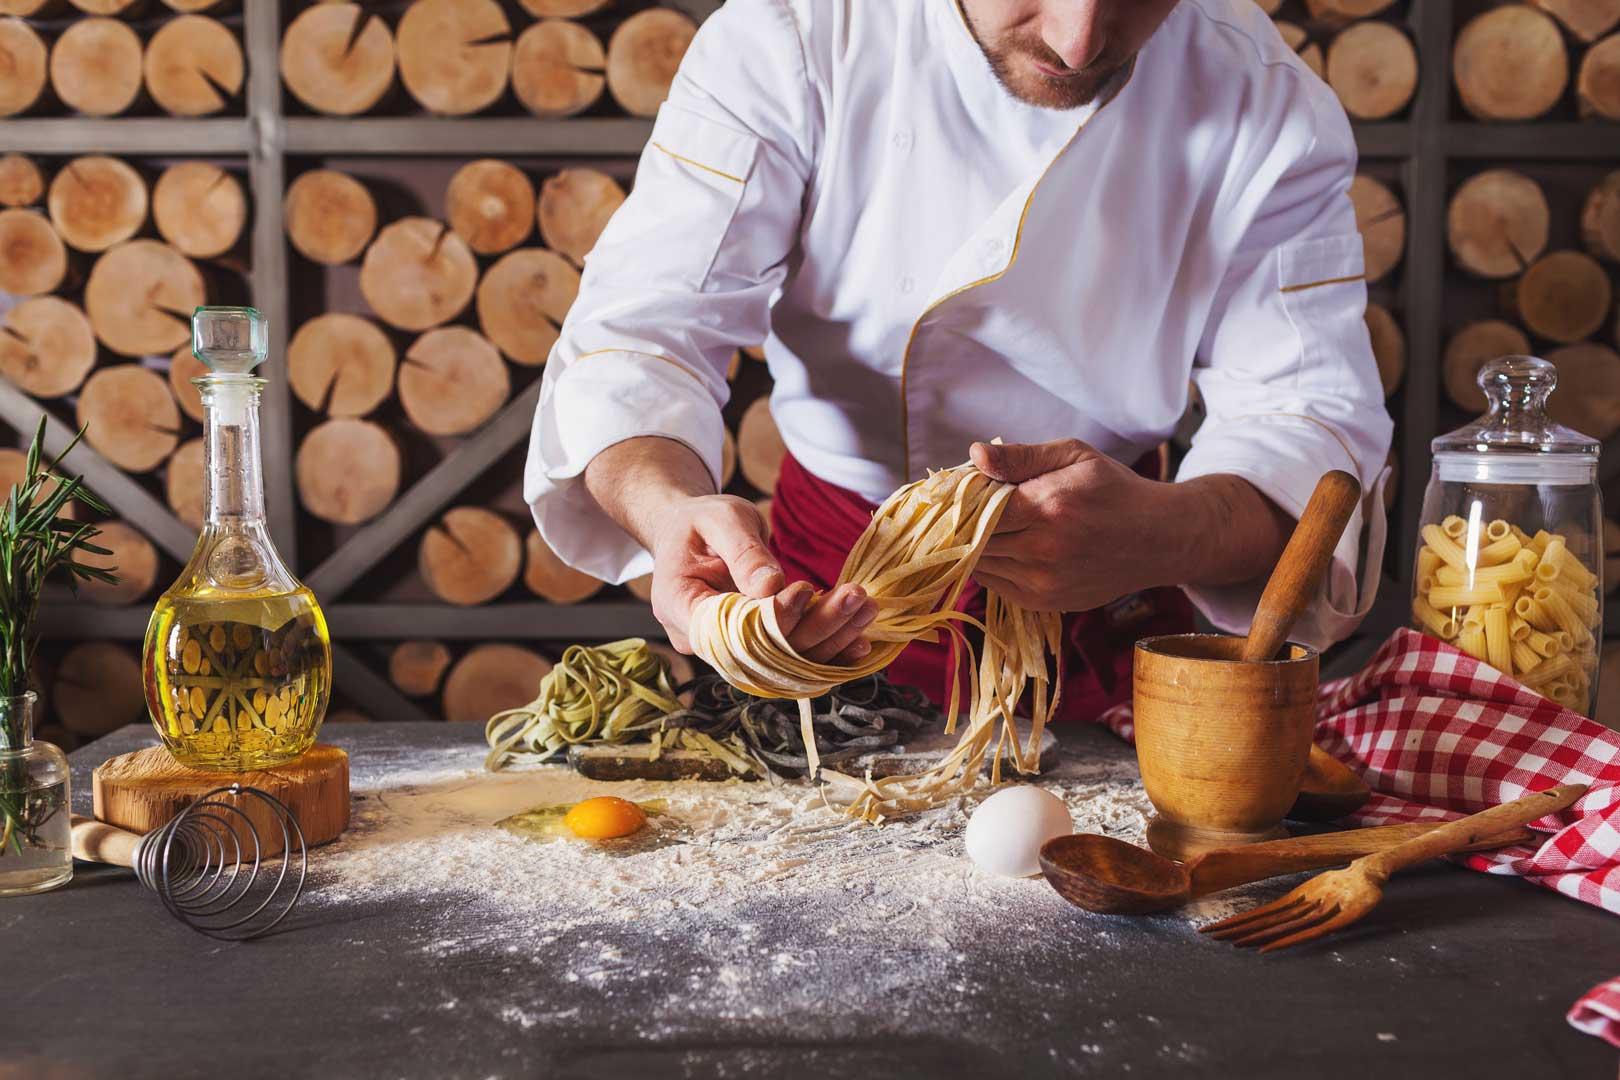 Cooking schools in Milan